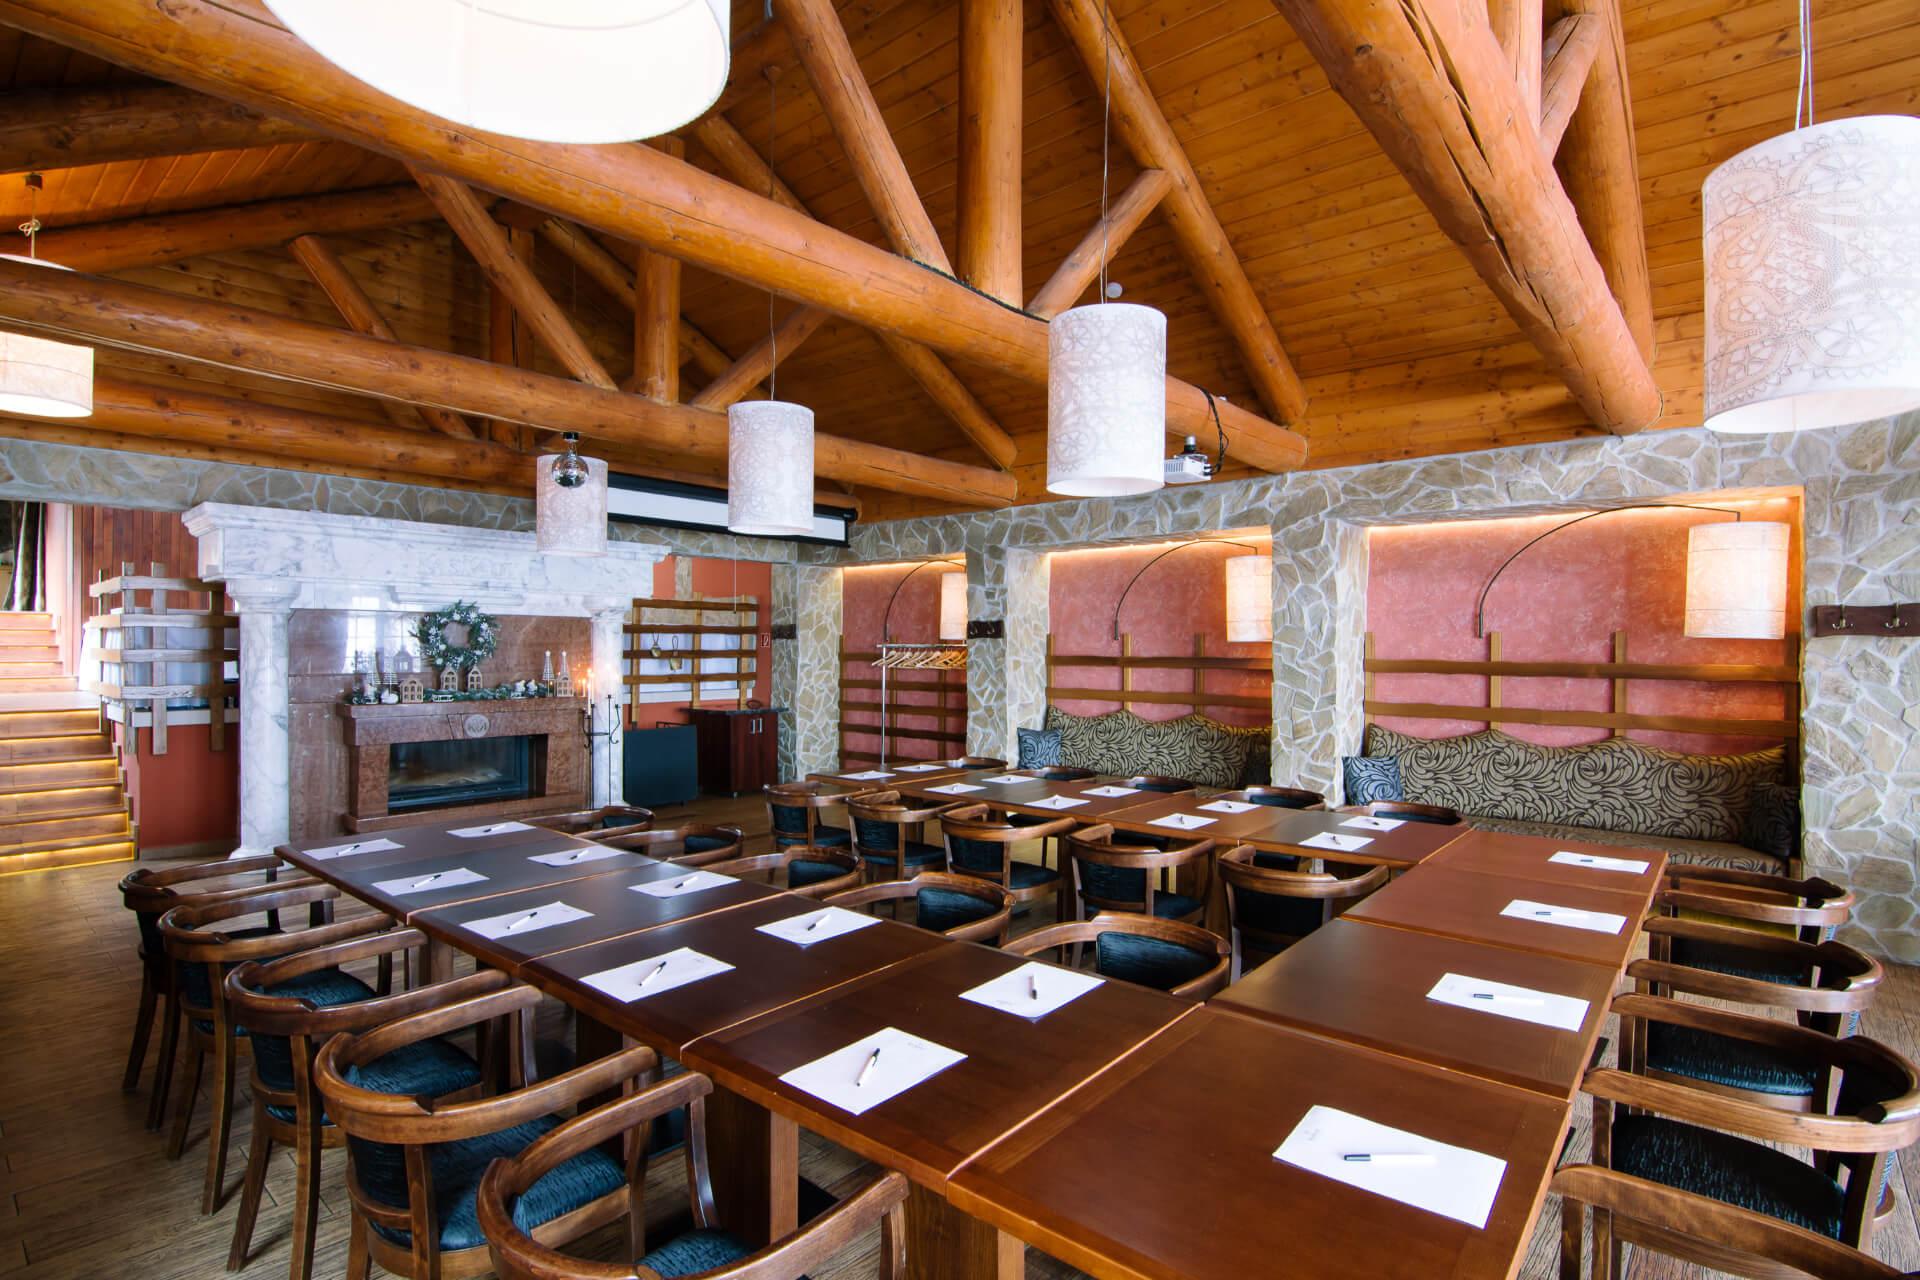 Tradičná koliba v netradičnom šate. Originálna reštaurácia, ktorá je súčasťou resortu.